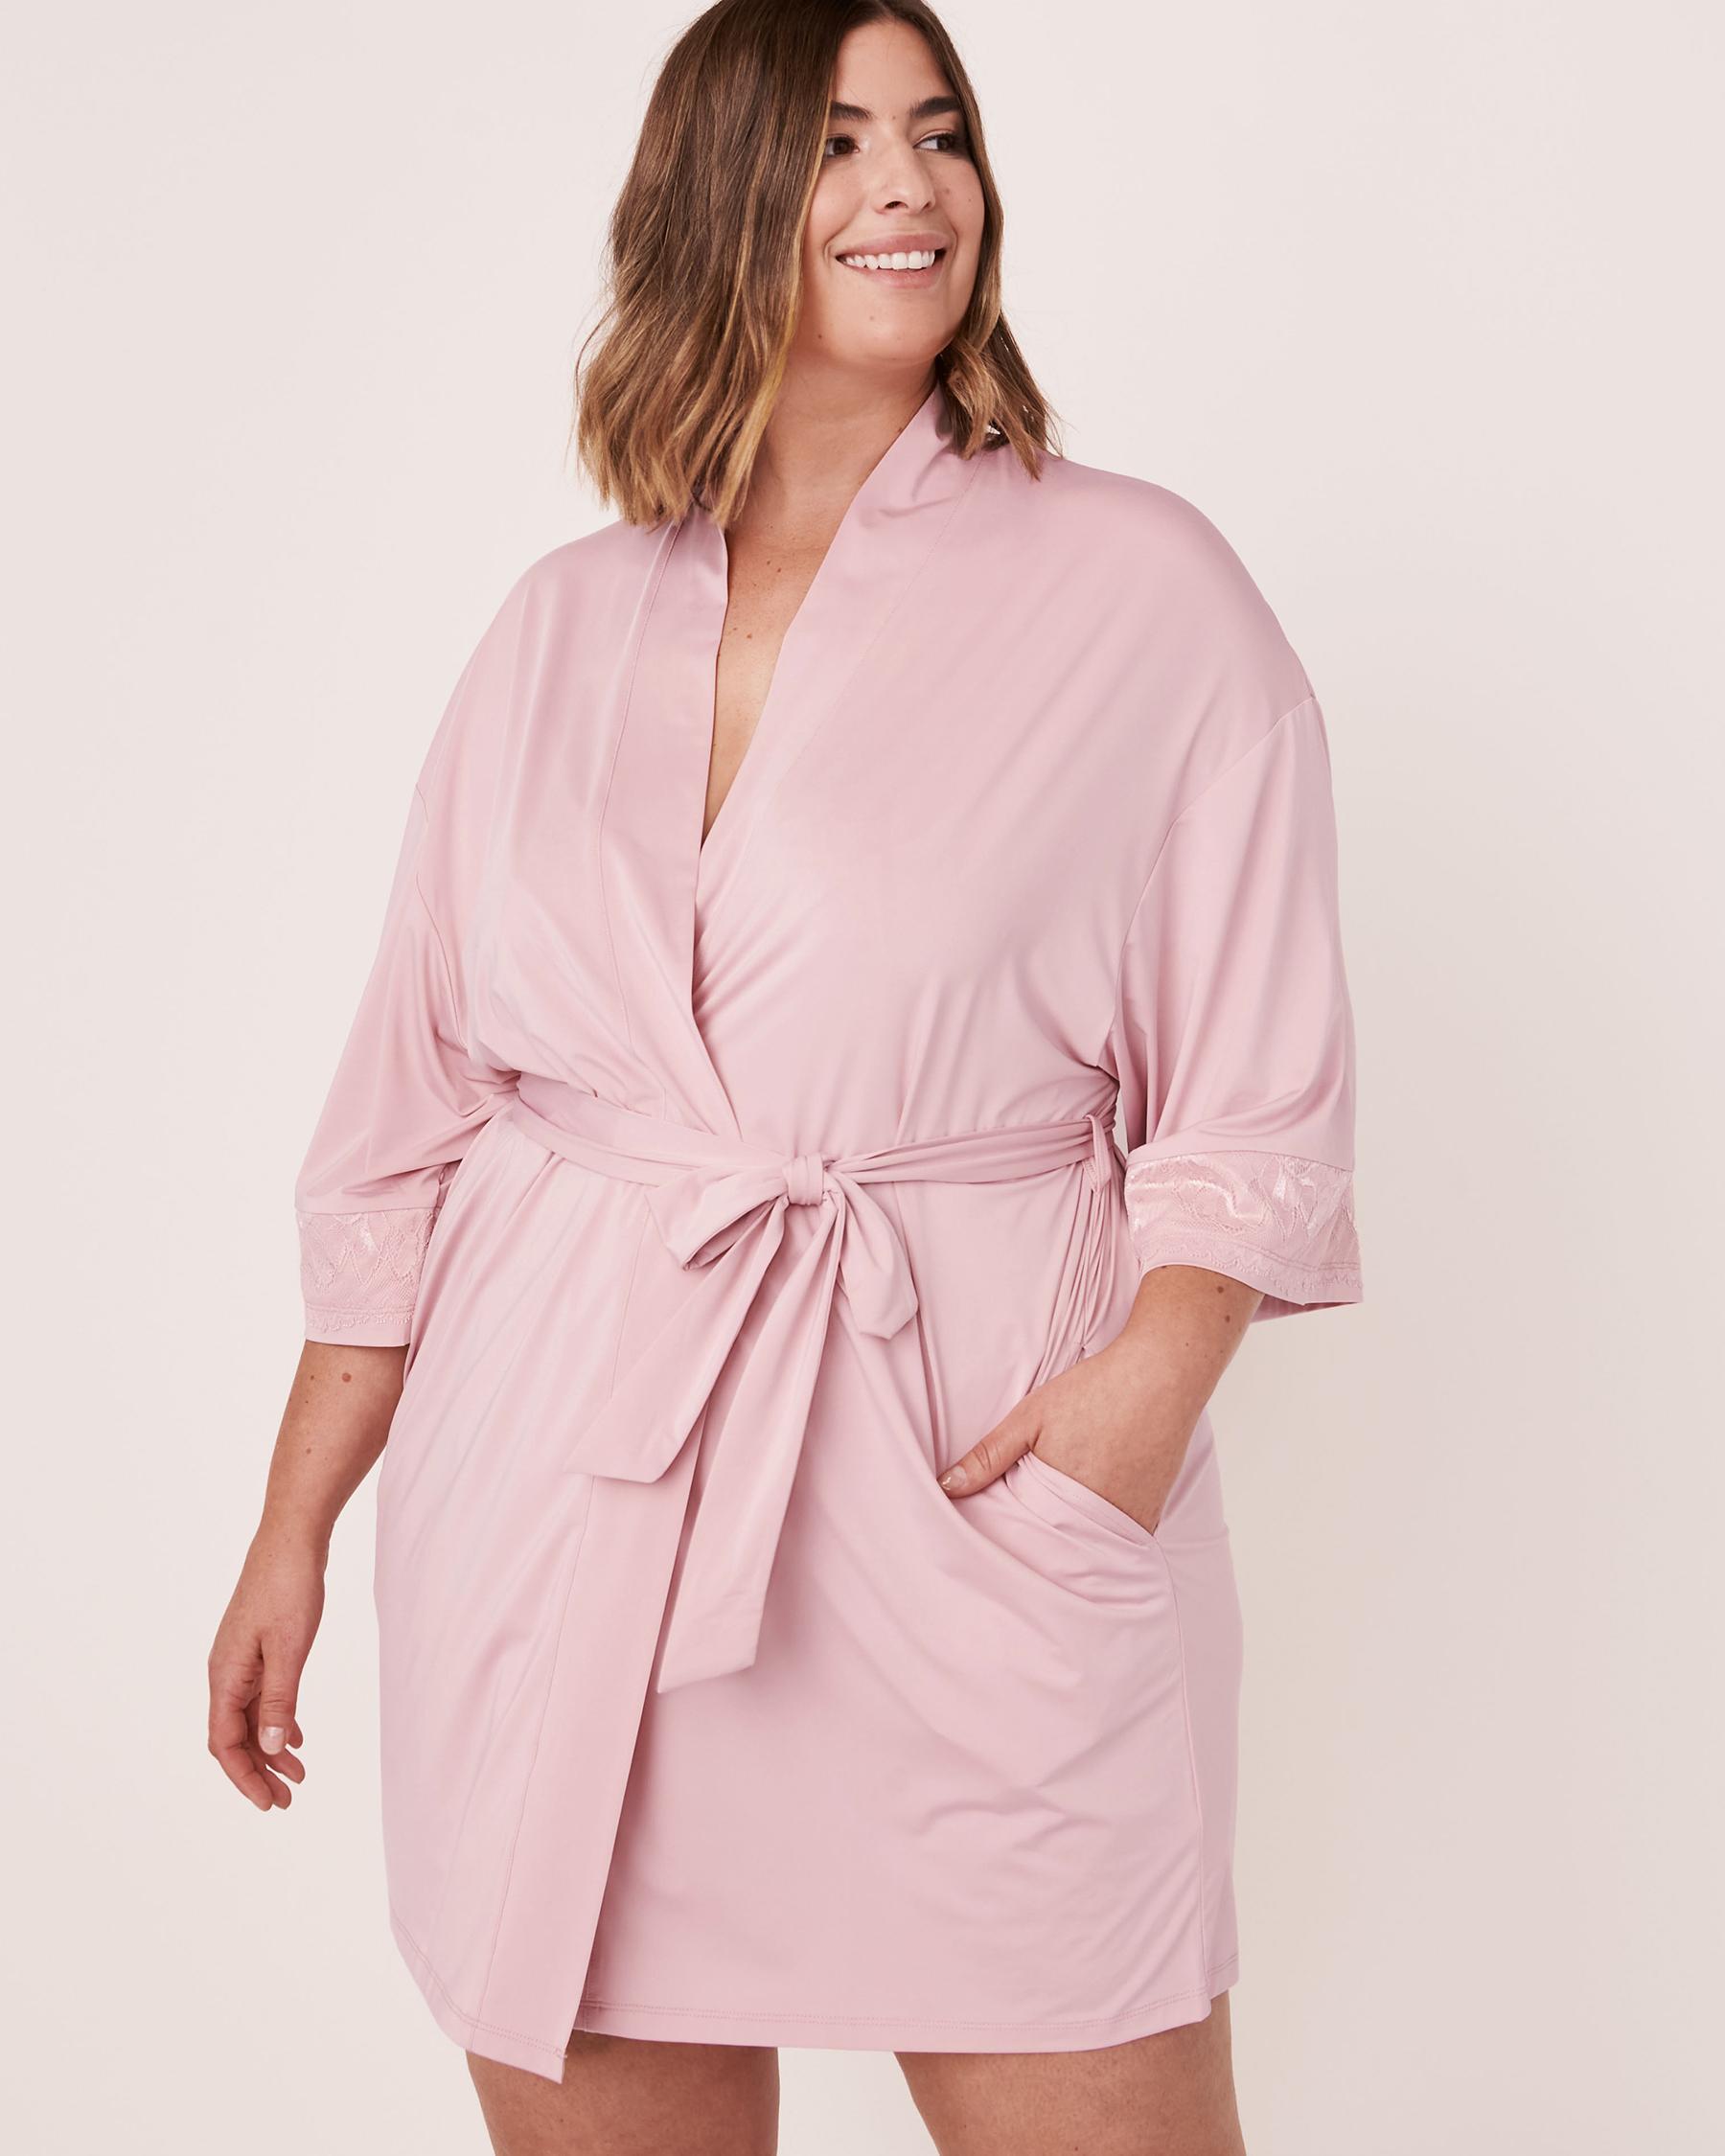 LA VIE EN ROSE Recycled Fibers Lace Trim Kimono Lilac 60600008 - View5